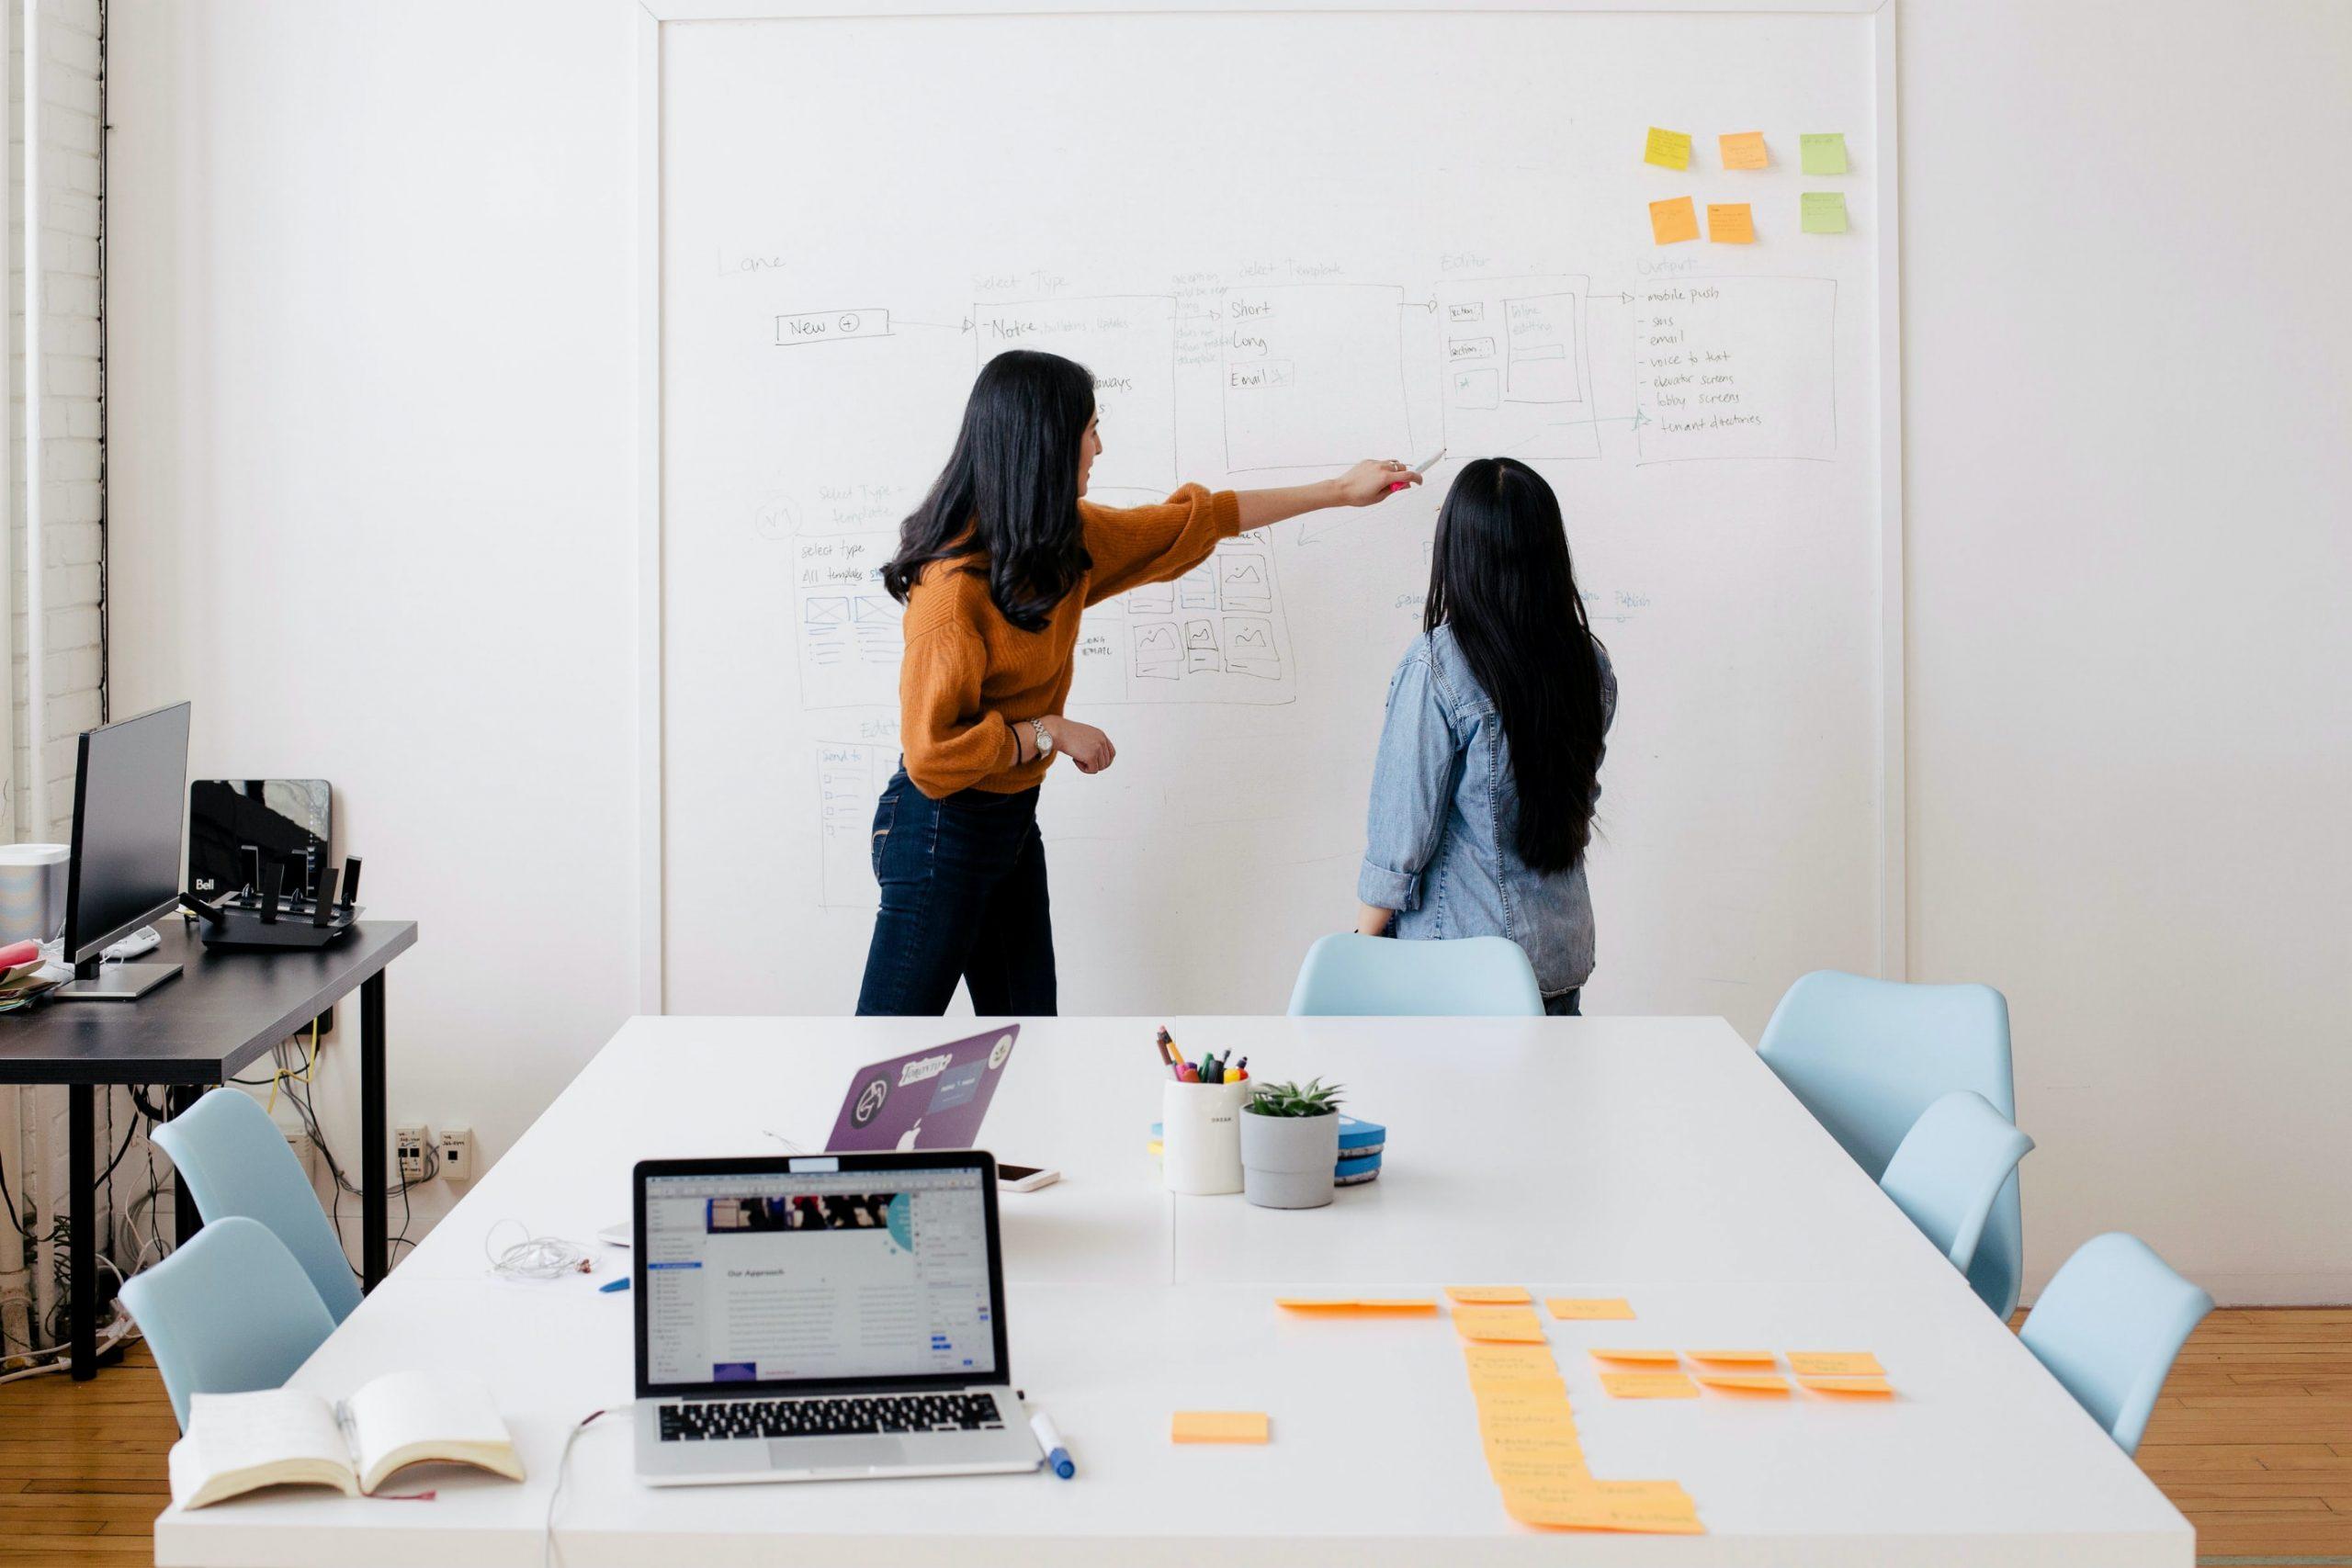 Zwei Frauen, die zusammen an einem Whiteboard arbeiten